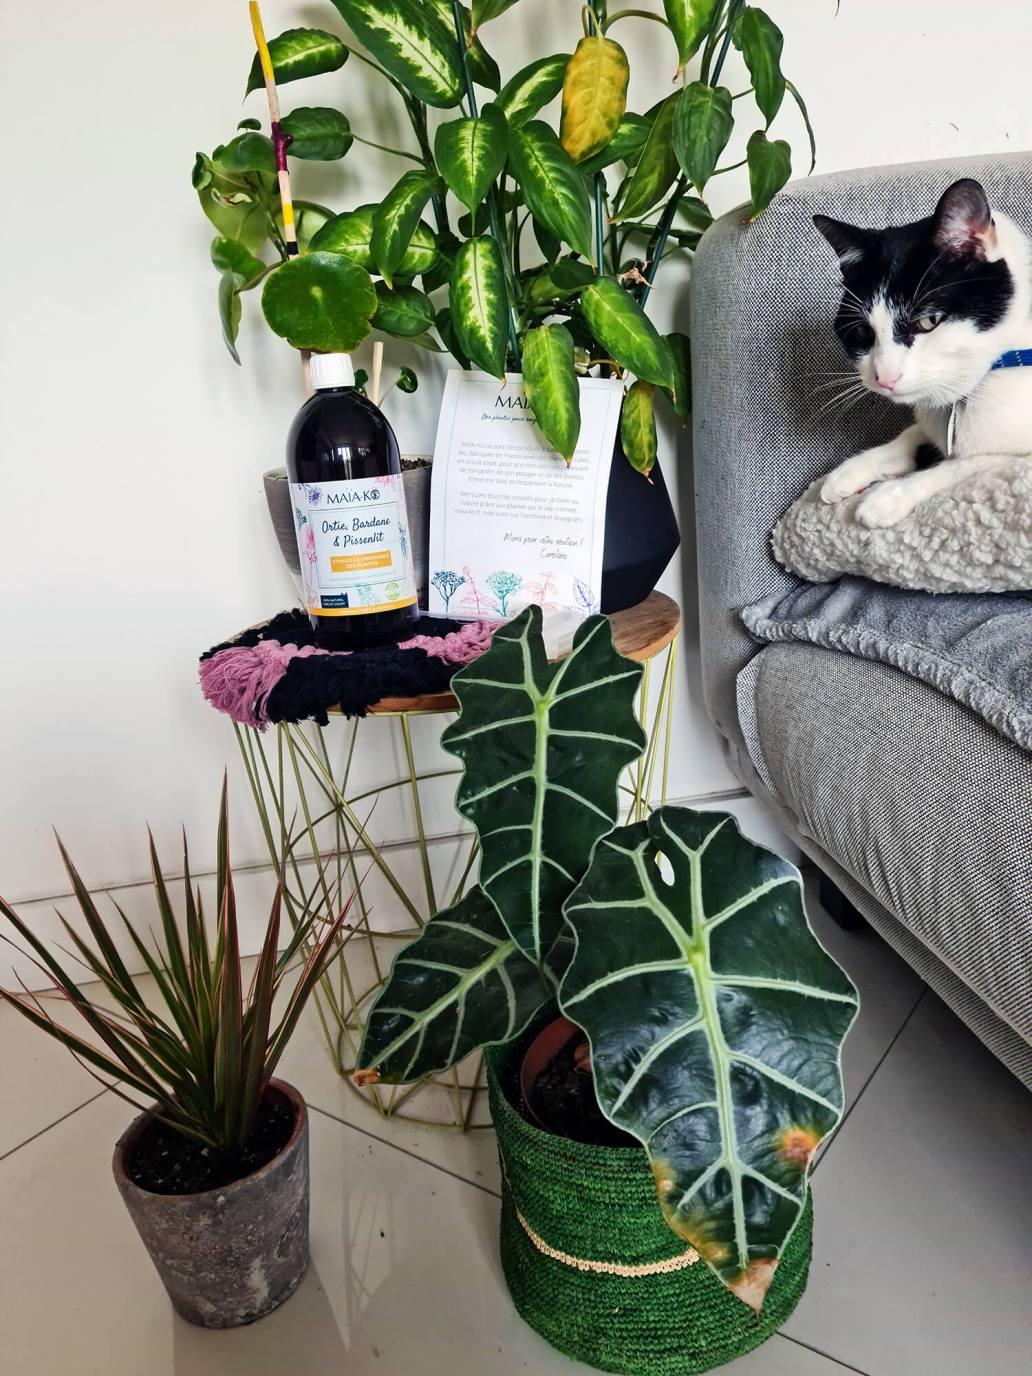 20210512 122801 - Prendre soin des plantes : comment j'entretiens ma jungle urbaine